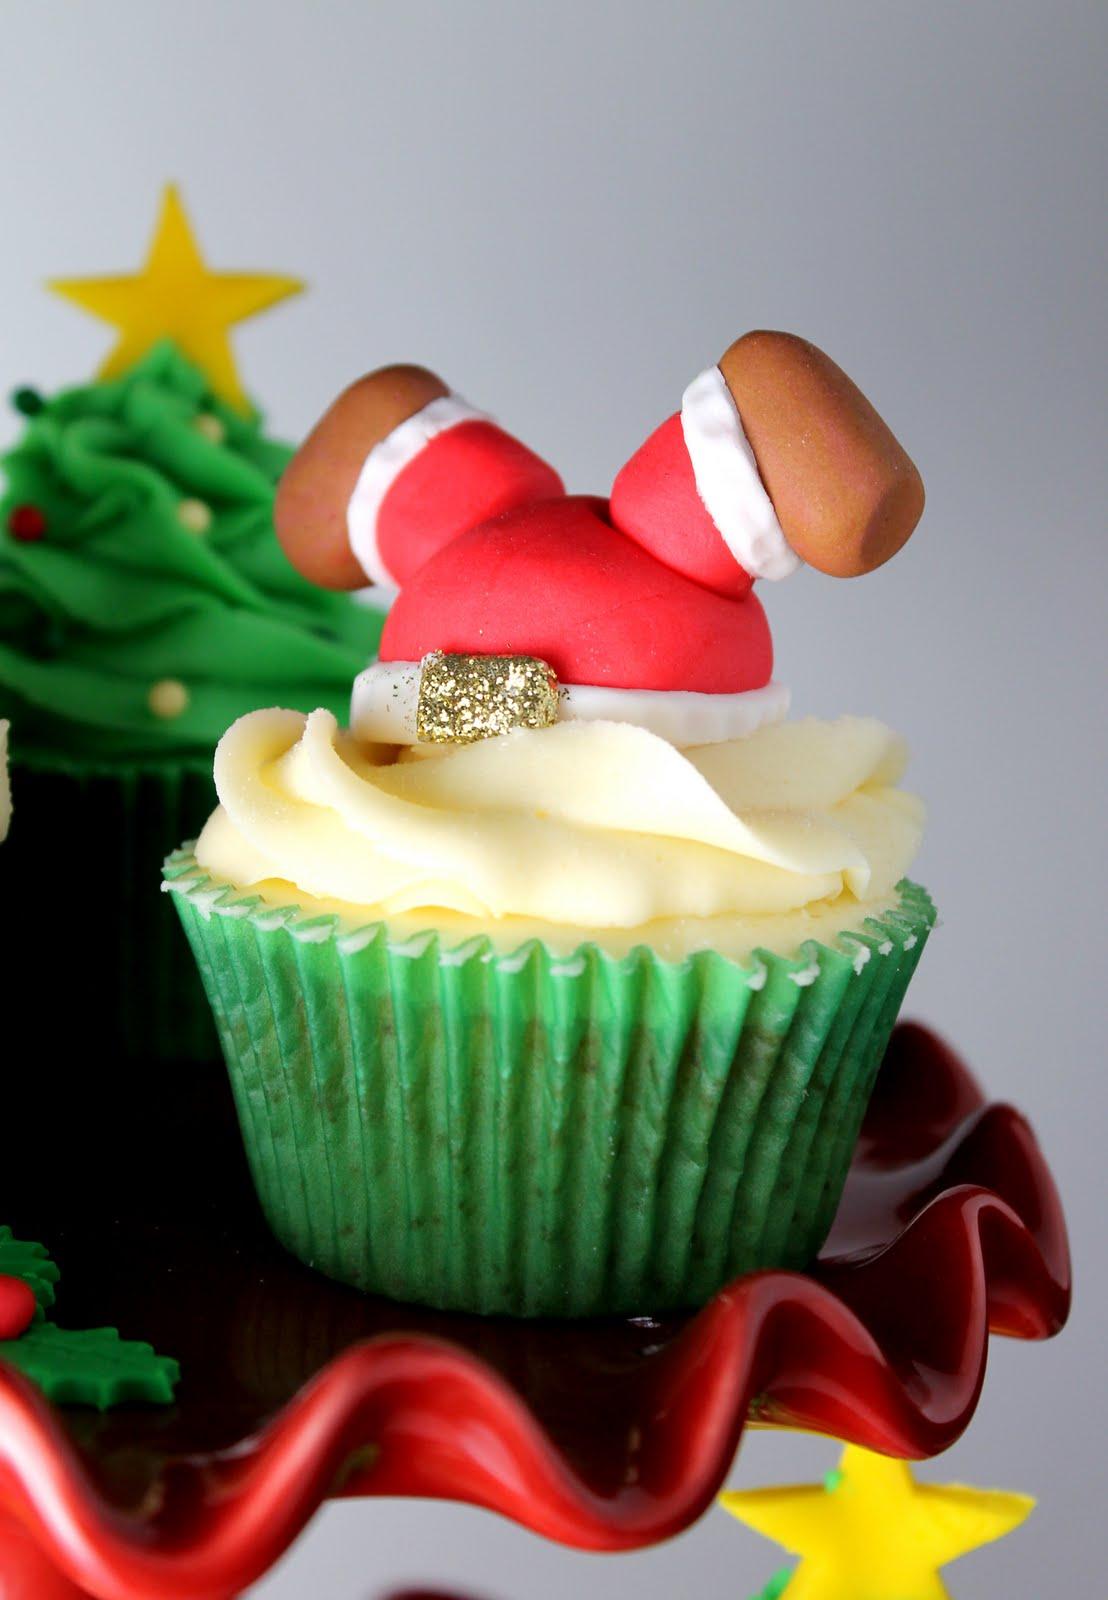 Objetivo cupcake perfecto ha llegado la navidad al blog - Blog objetivo cupcake perfecto ...